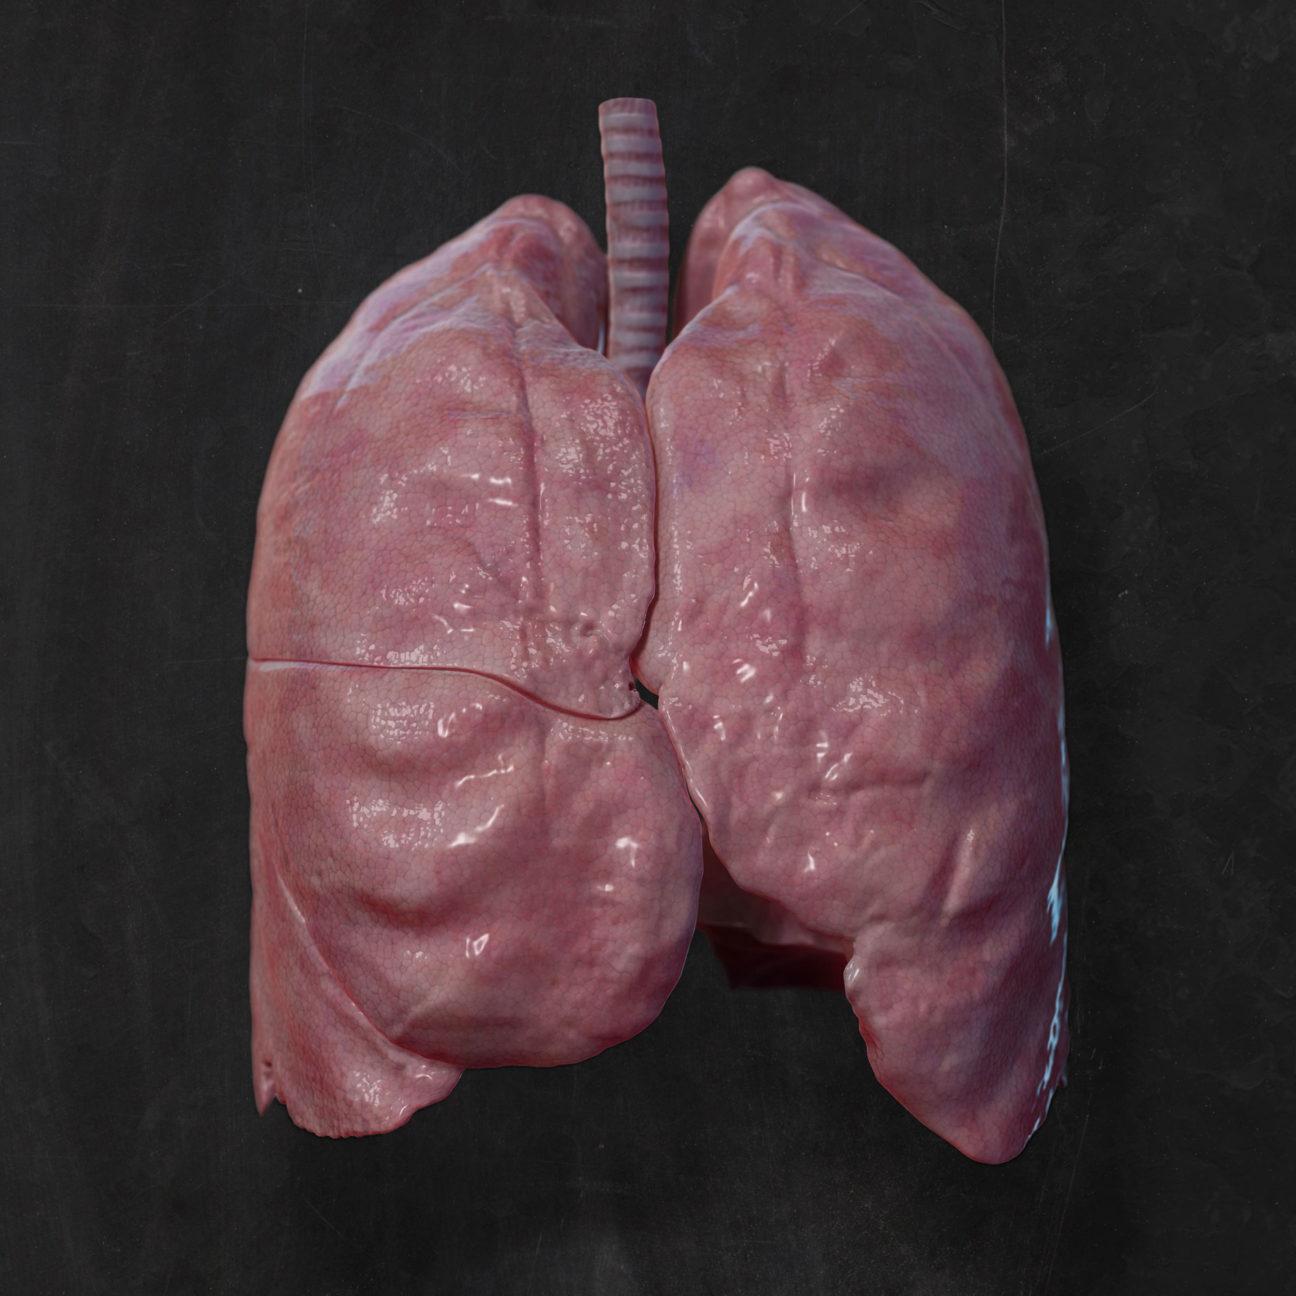 3D-Visualisierung: Frontale Aussenansicht einer an Mukoviszidose erkrankten menschlichen Lunge